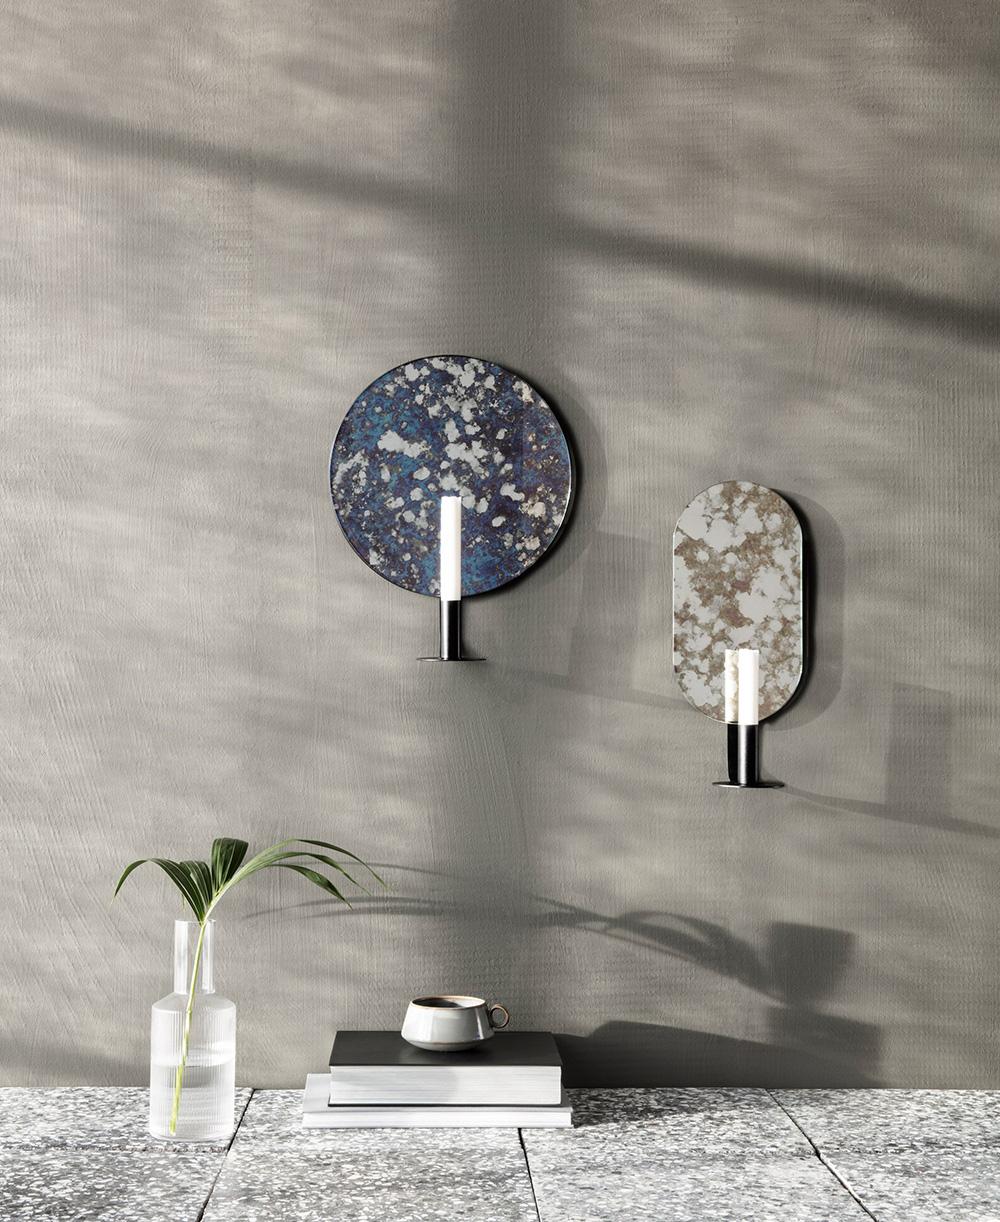 scenes-of-splendour-ferm-living-maison-objet-2017-design-textiles_dezeen_2364_col_43-min